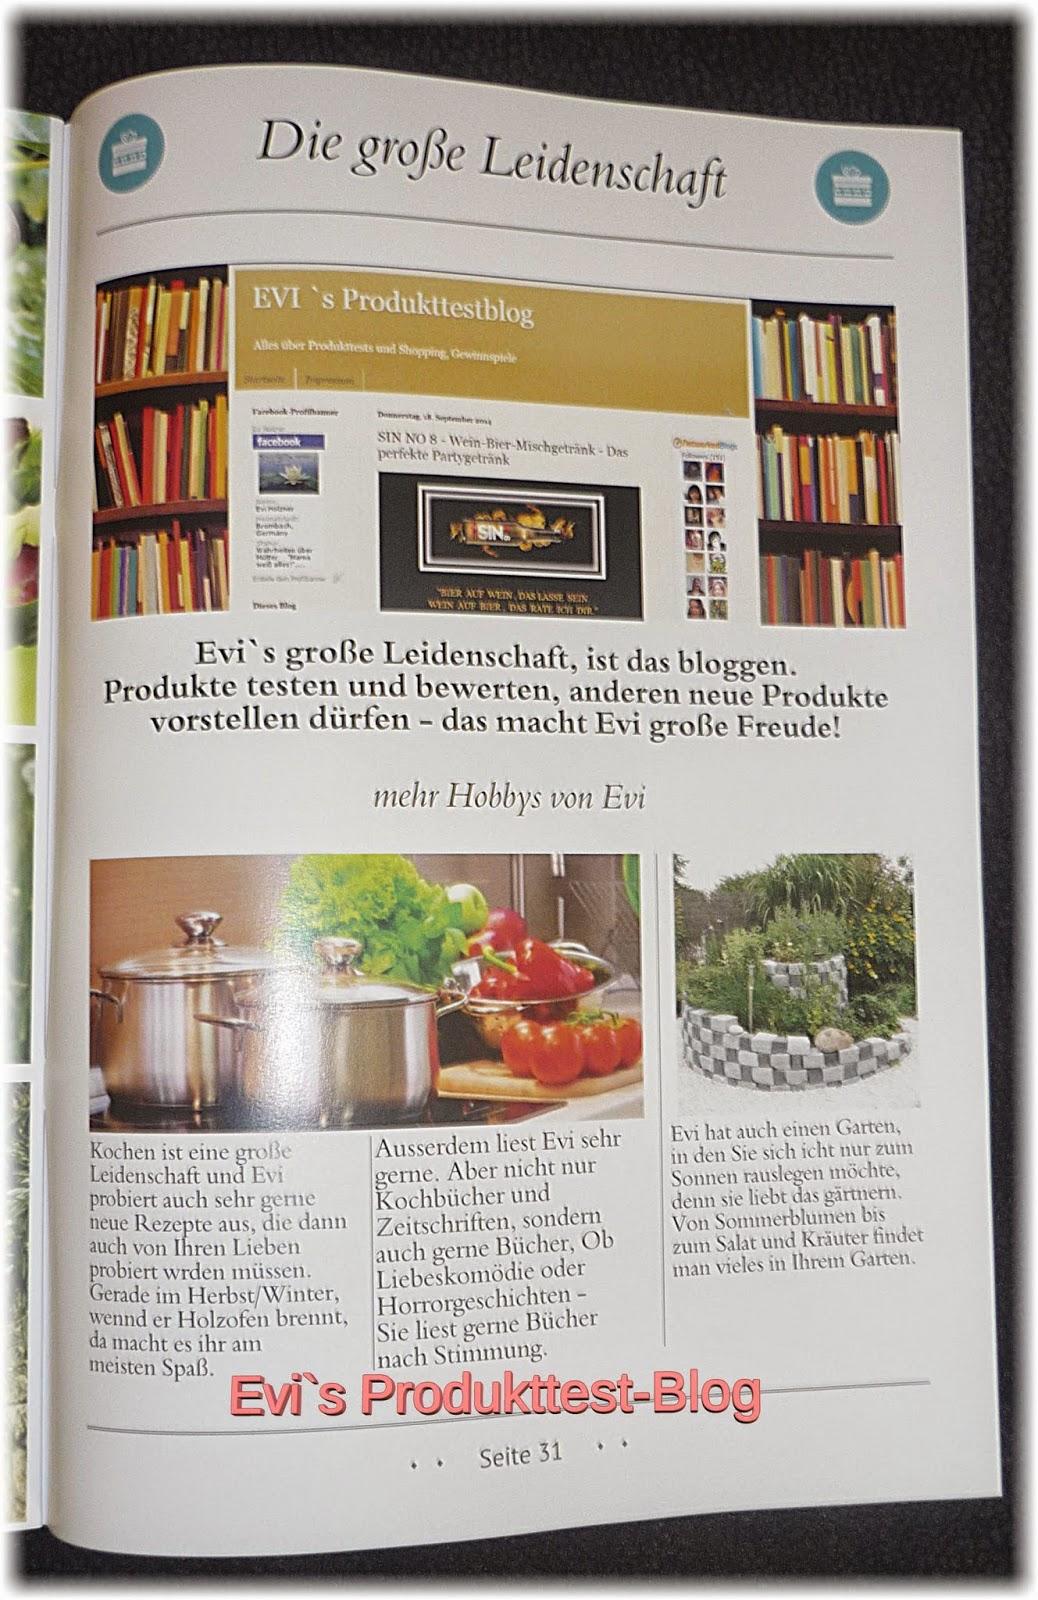 evi s produkttestblog zeitung selbst gestalten mit sendmoments im test. Black Bedroom Furniture Sets. Home Design Ideas